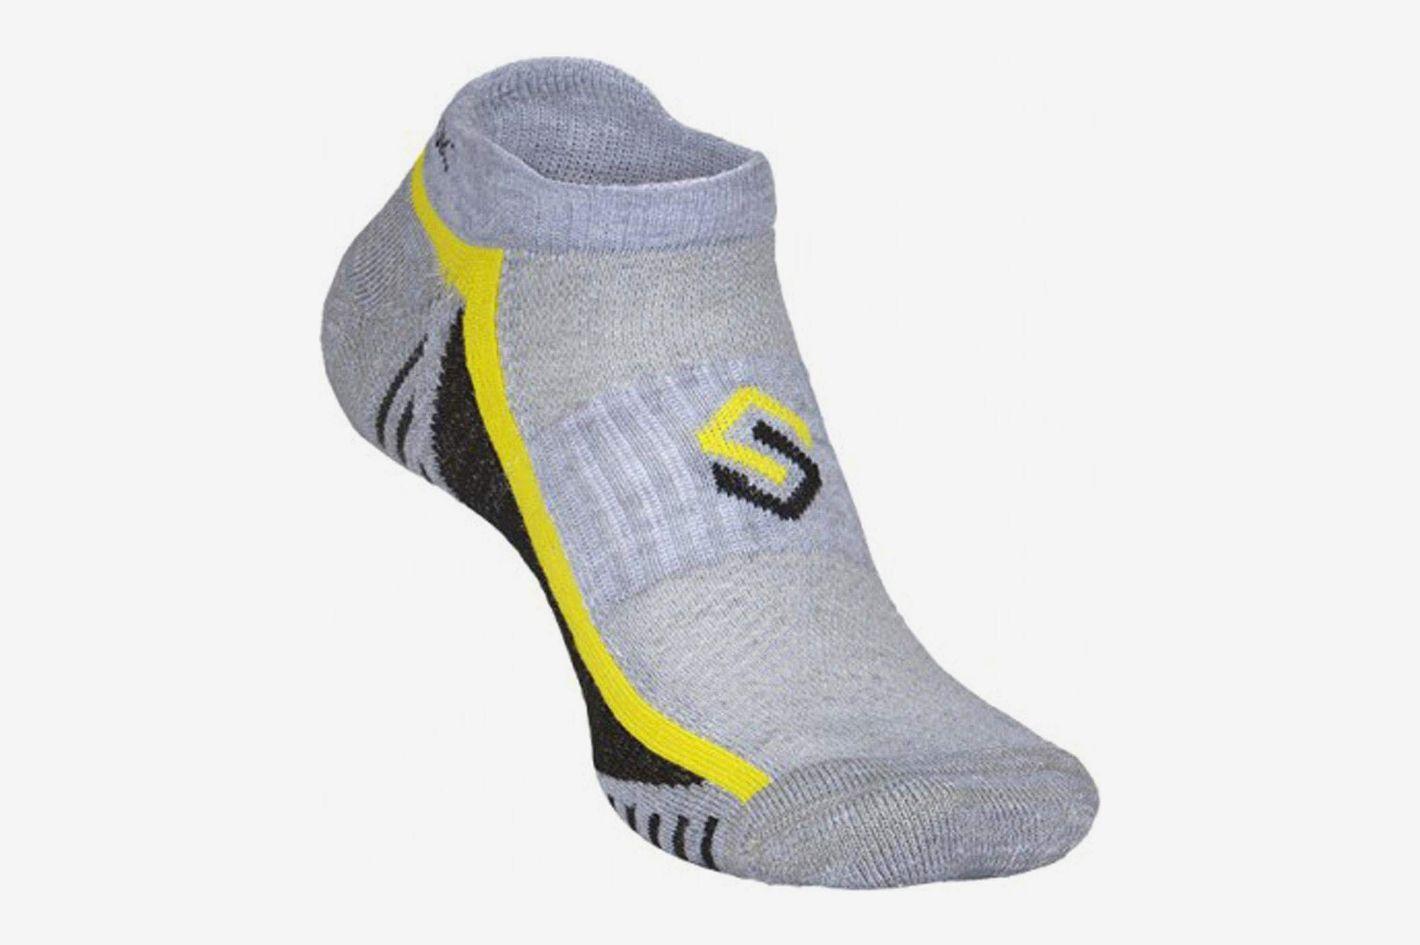 533c97963 The 9 Best Running Socks for Men and Women 2018